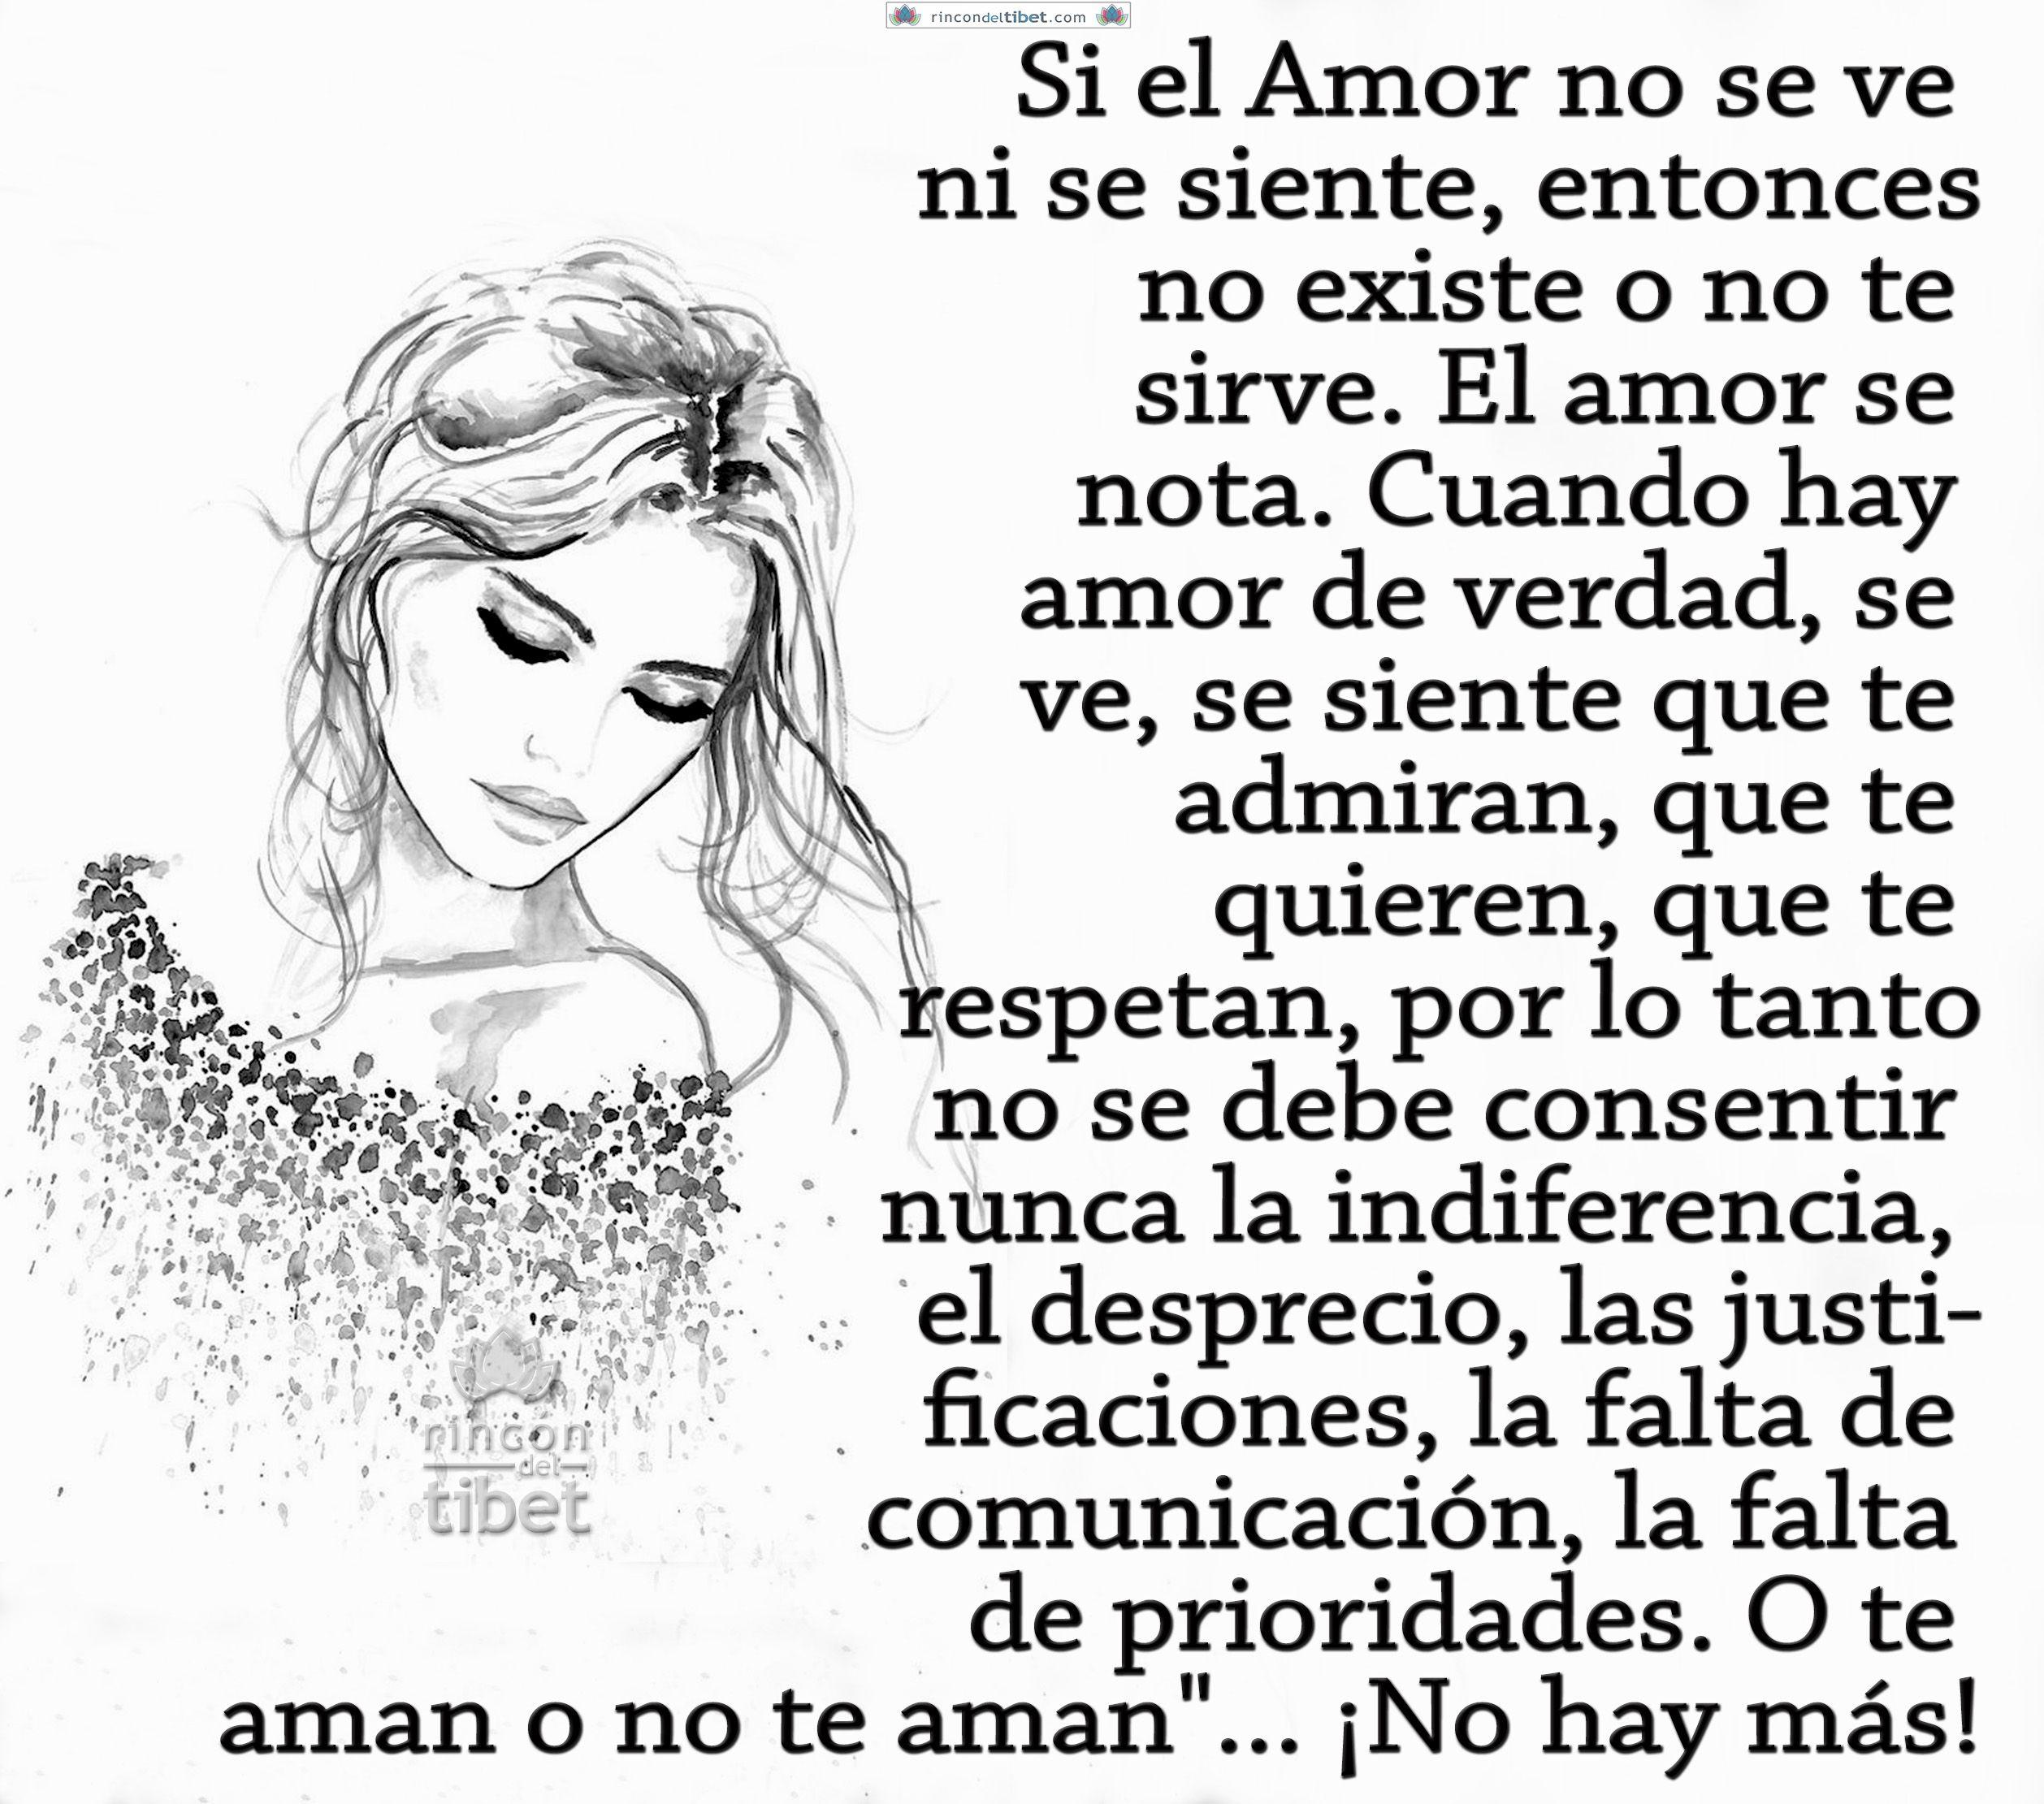 Si El Amor No Se Ve Ni Se Siente Entonces No Existe O No